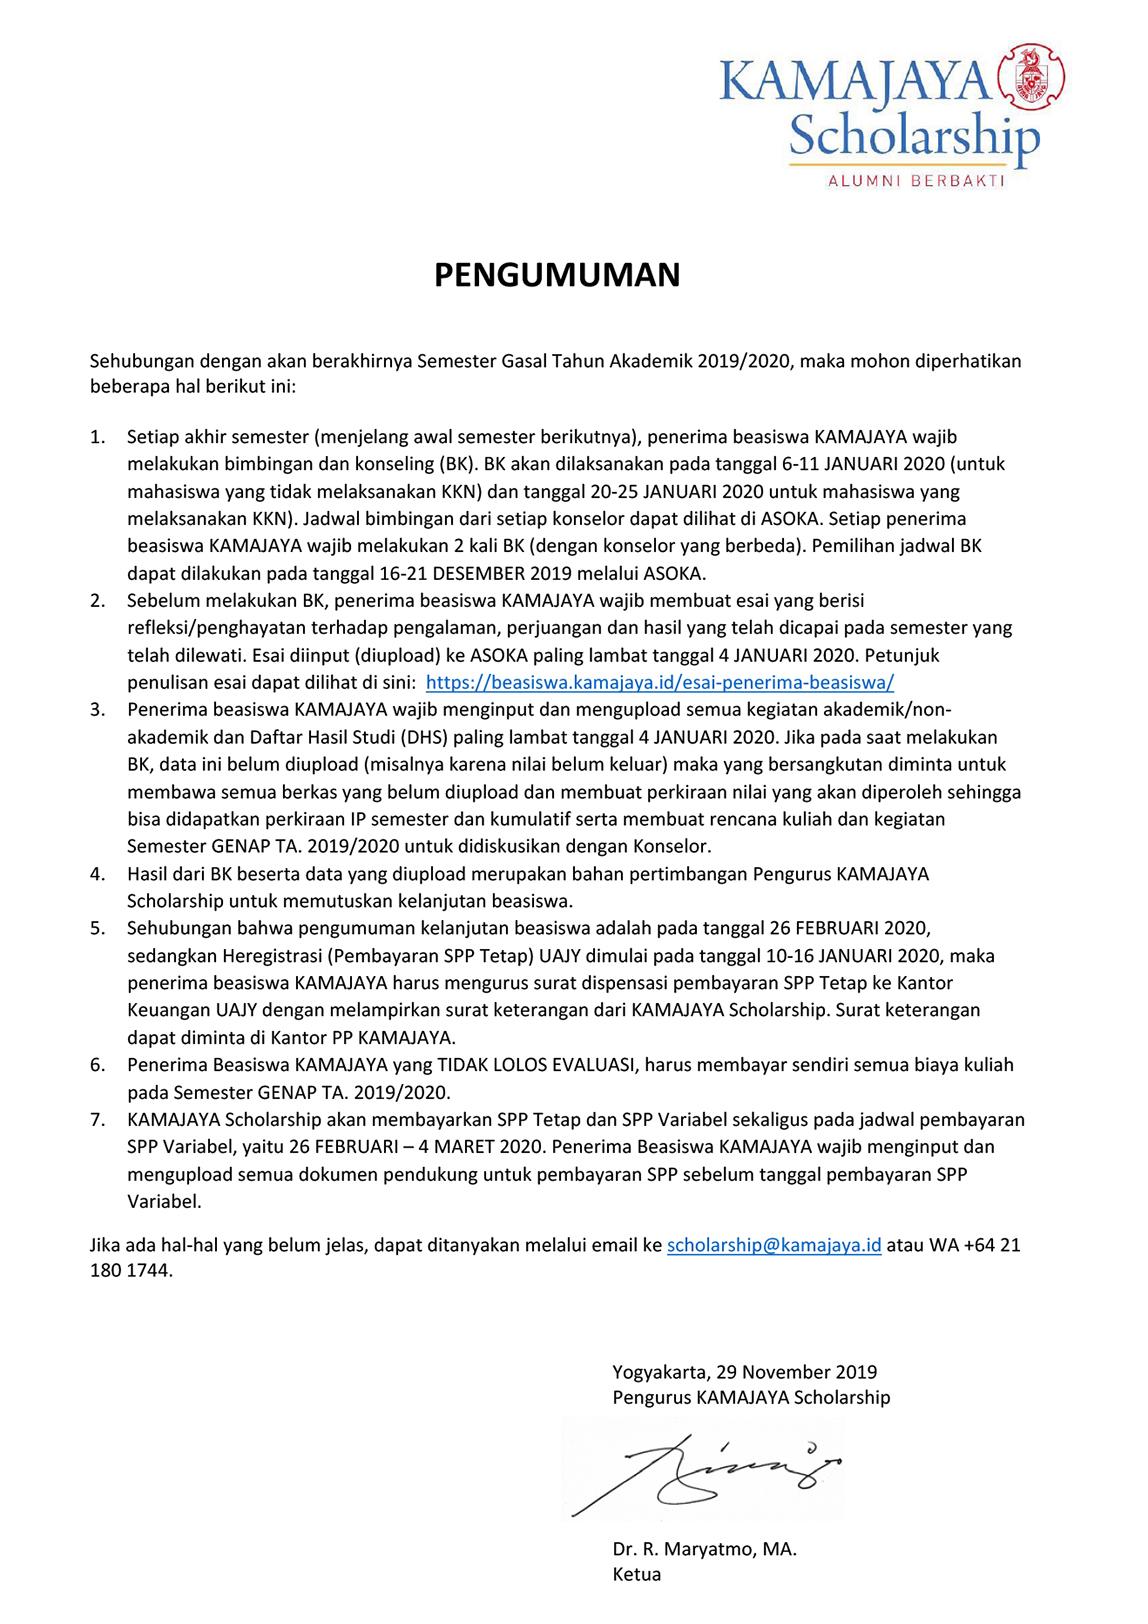 Pengumuman-Akhir-Semester-Gasal-2019-2020